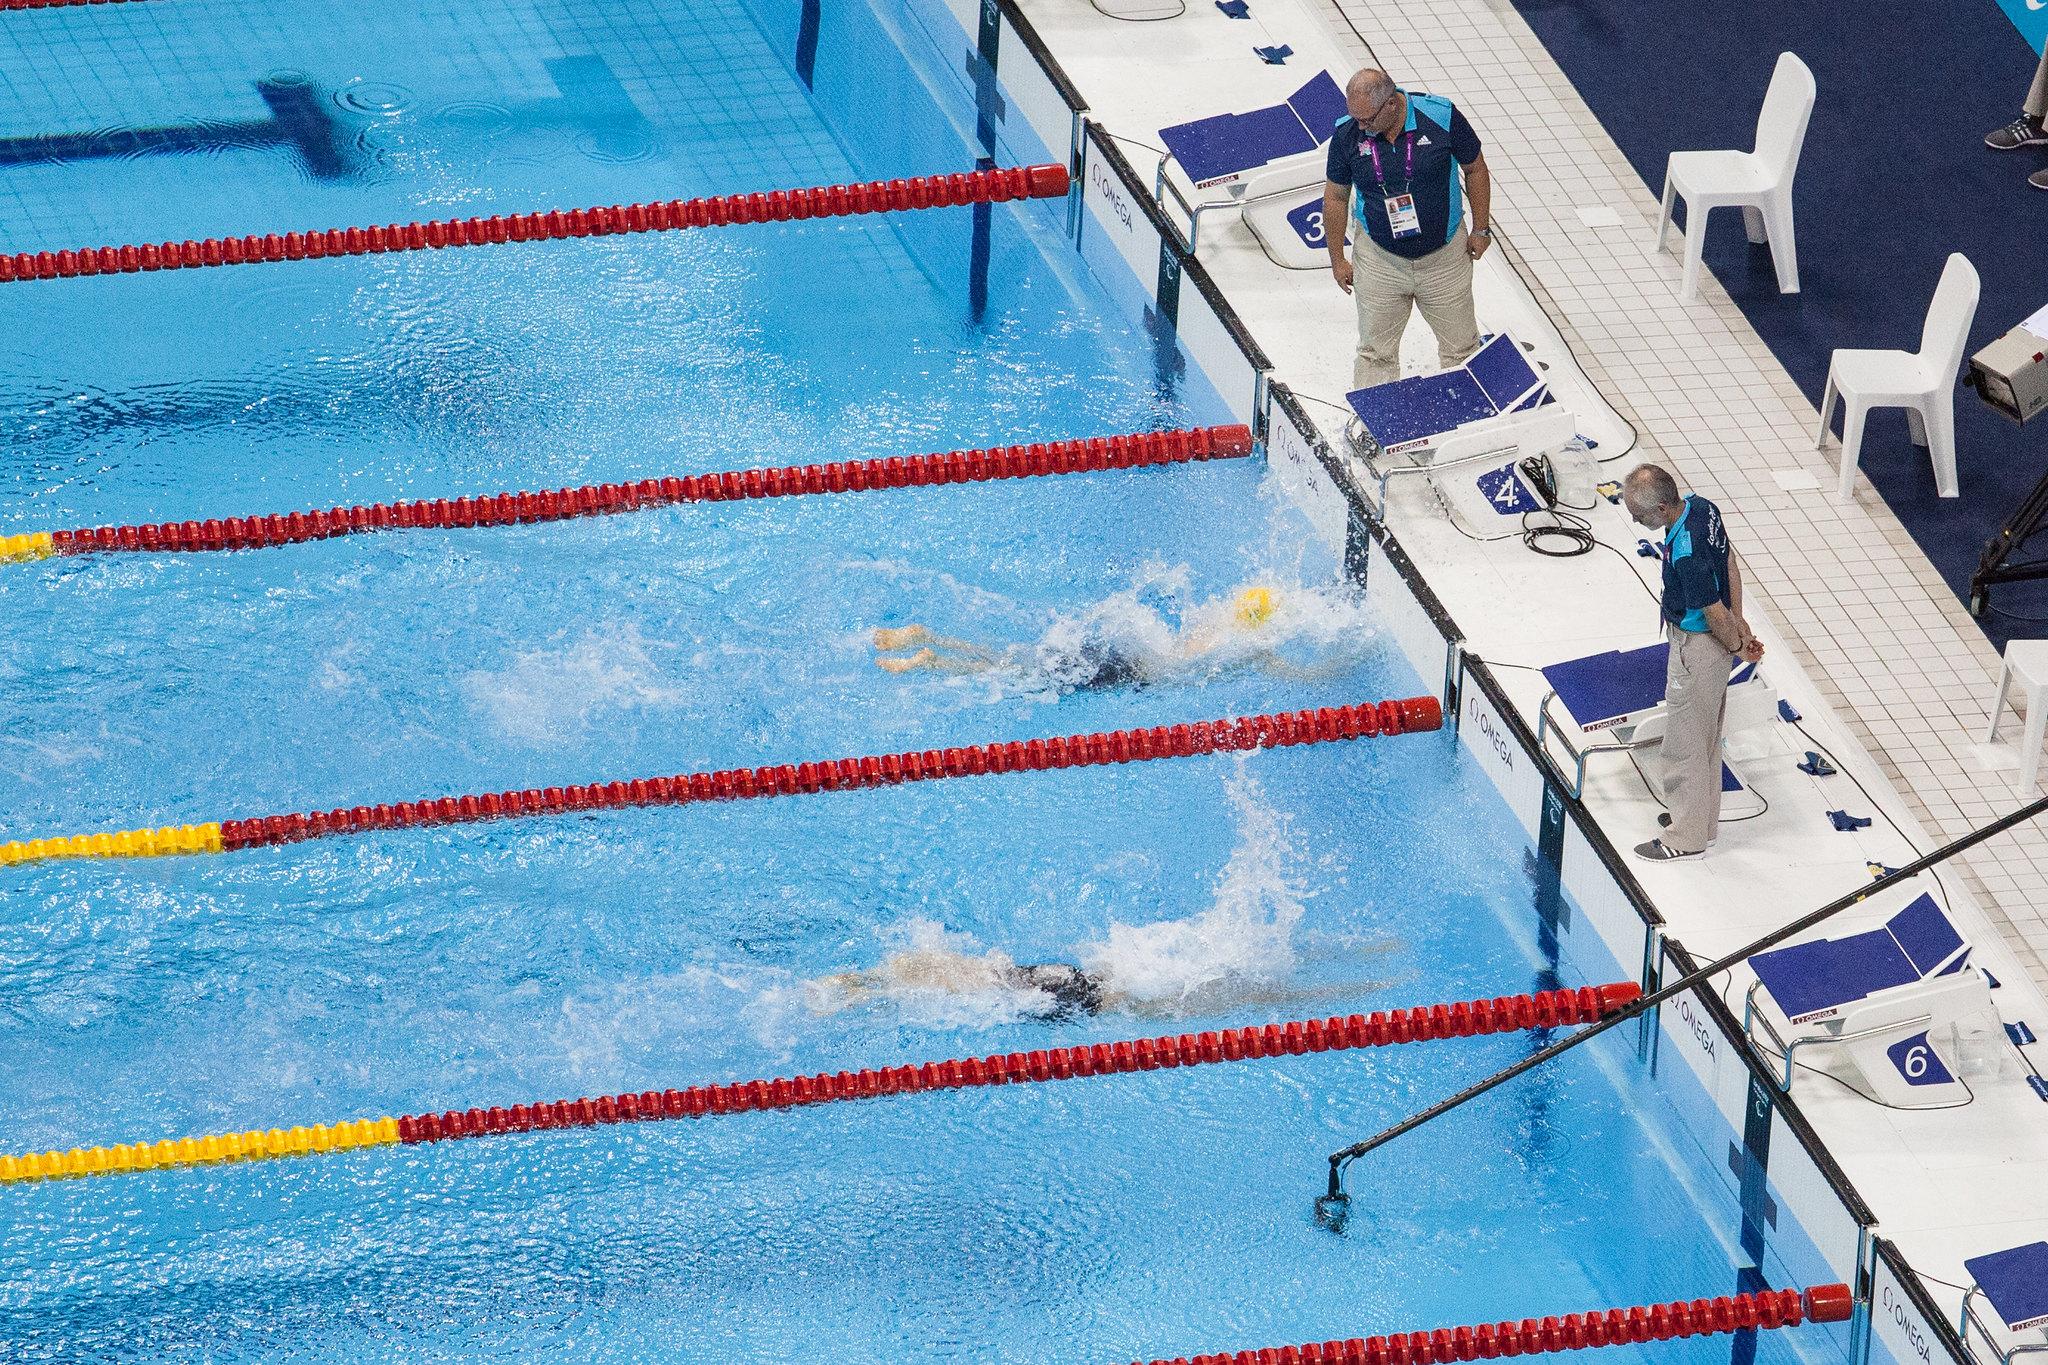 JOCジュニアオリンピックカップ夏季競泳2021結果速報・男子自由形リレー